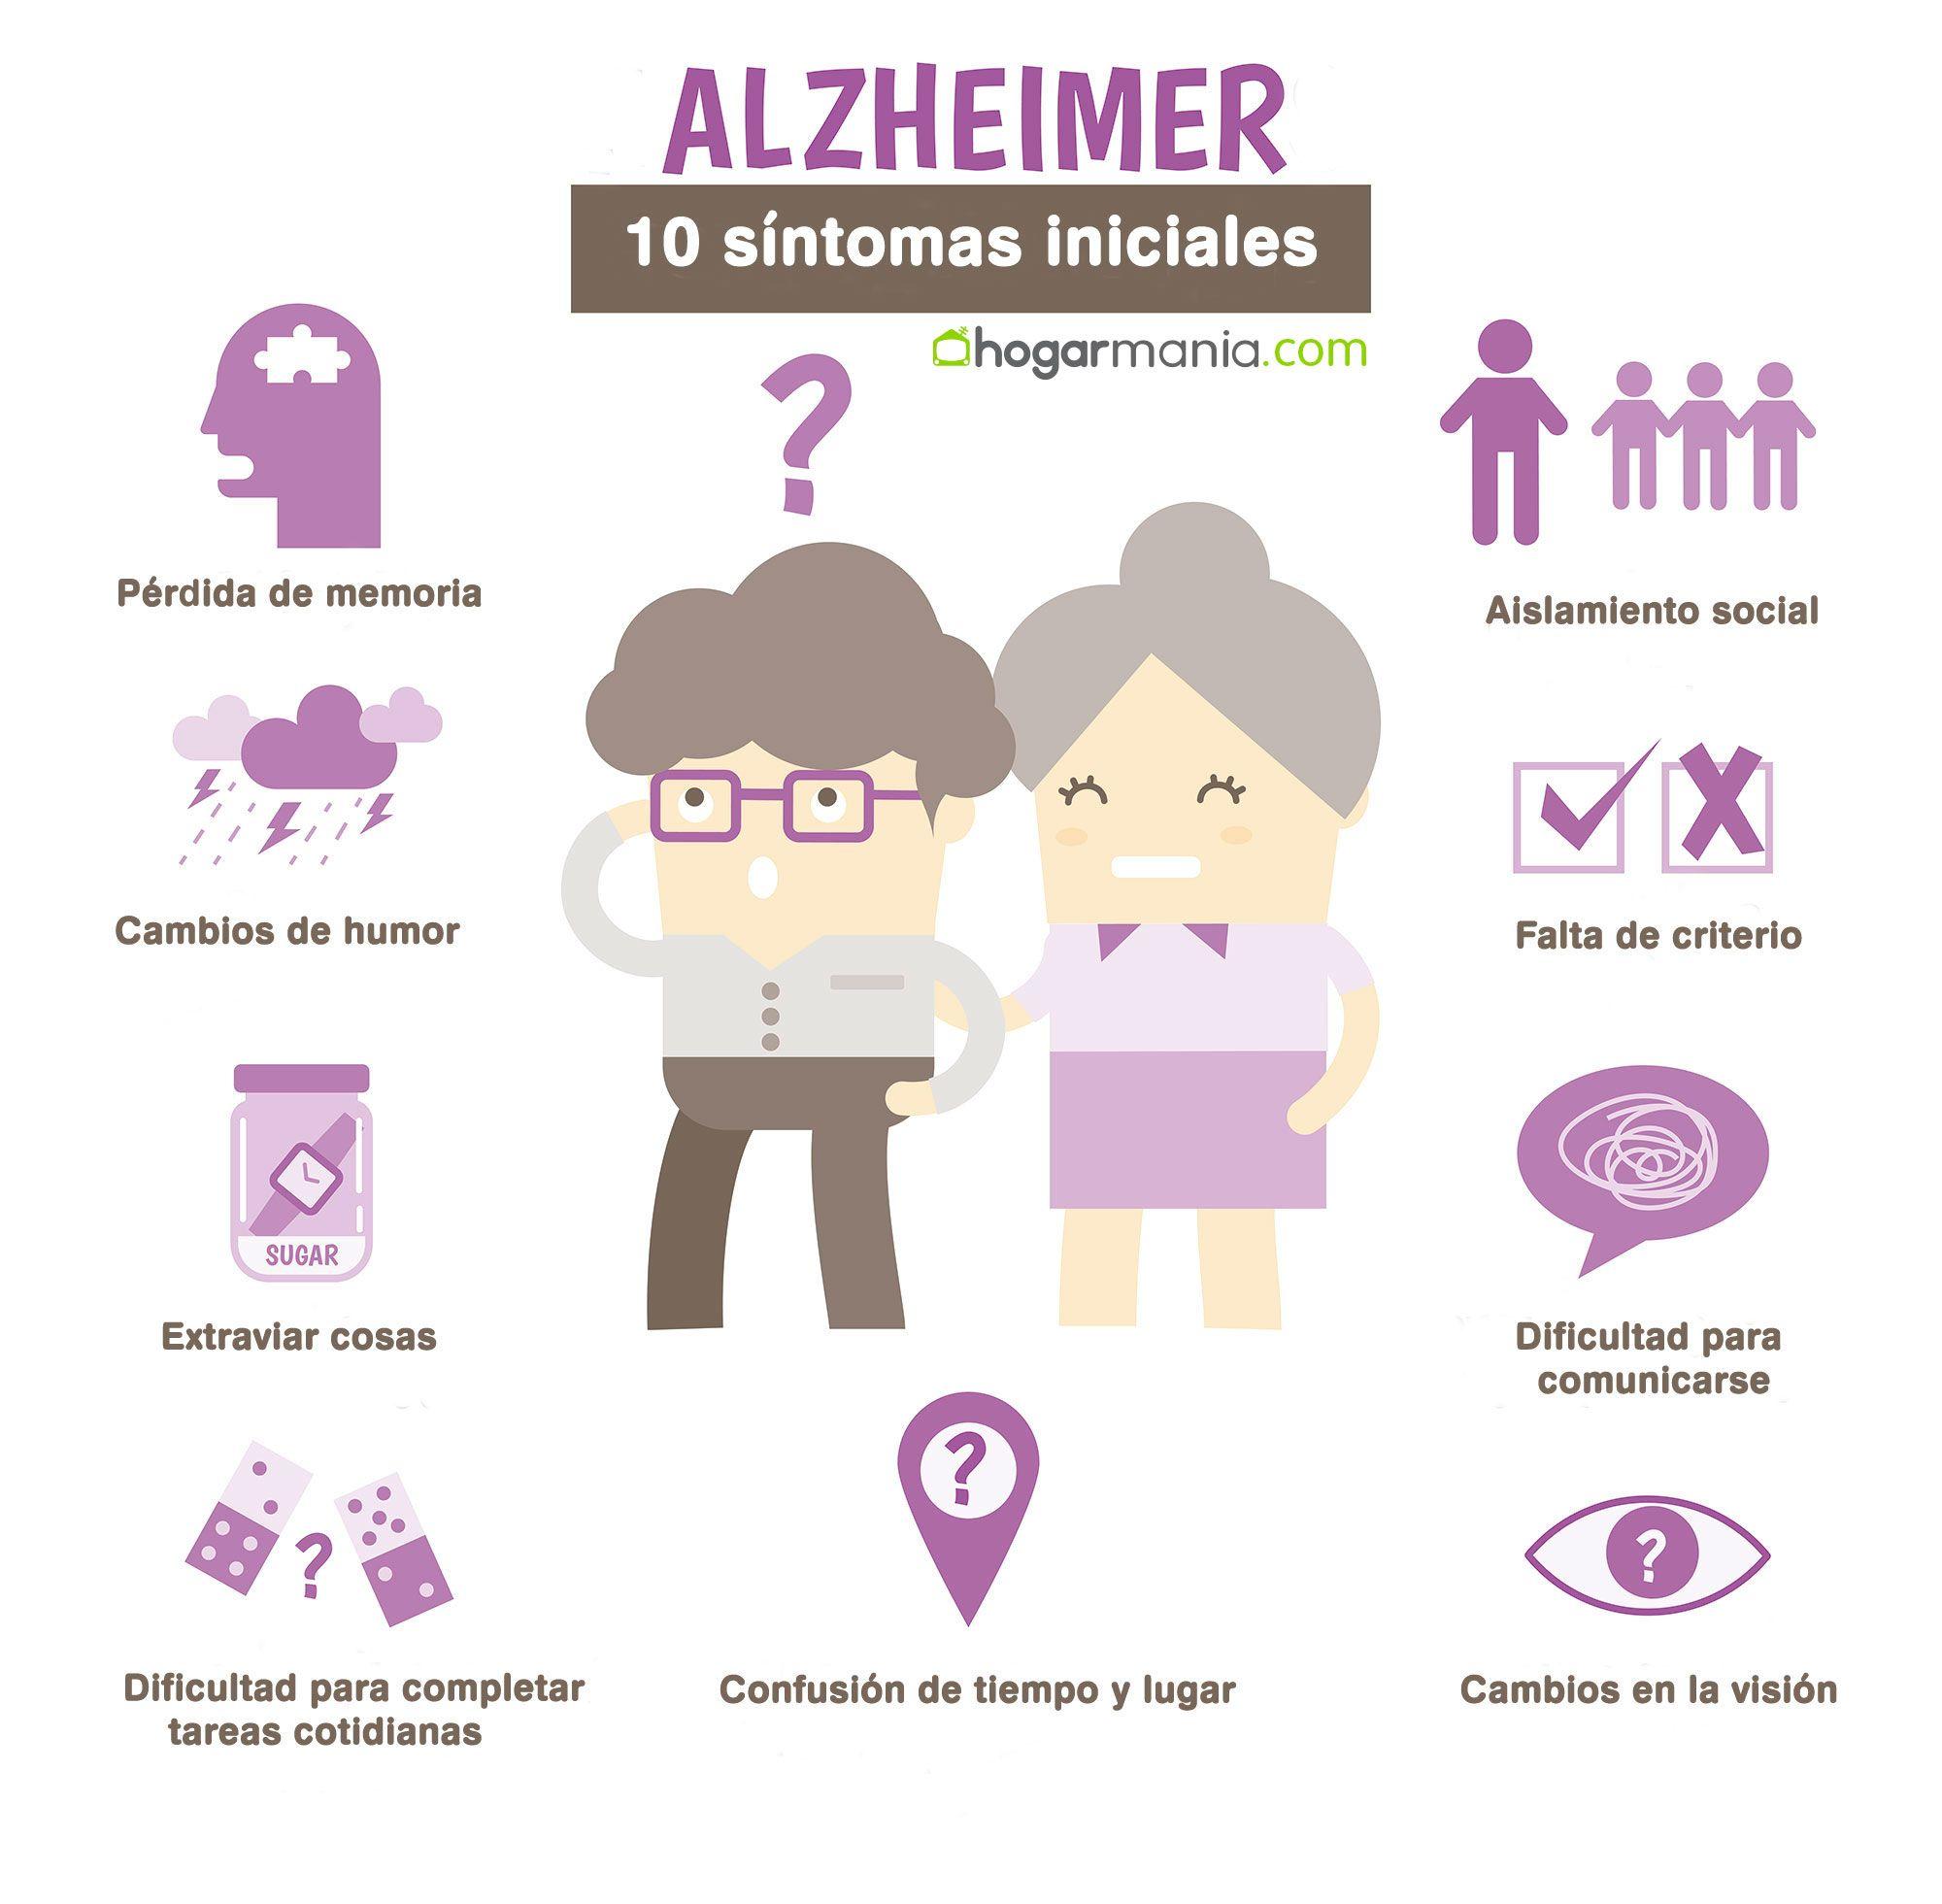 10 síntomas iniciales de la enfermedad de Alzheimer